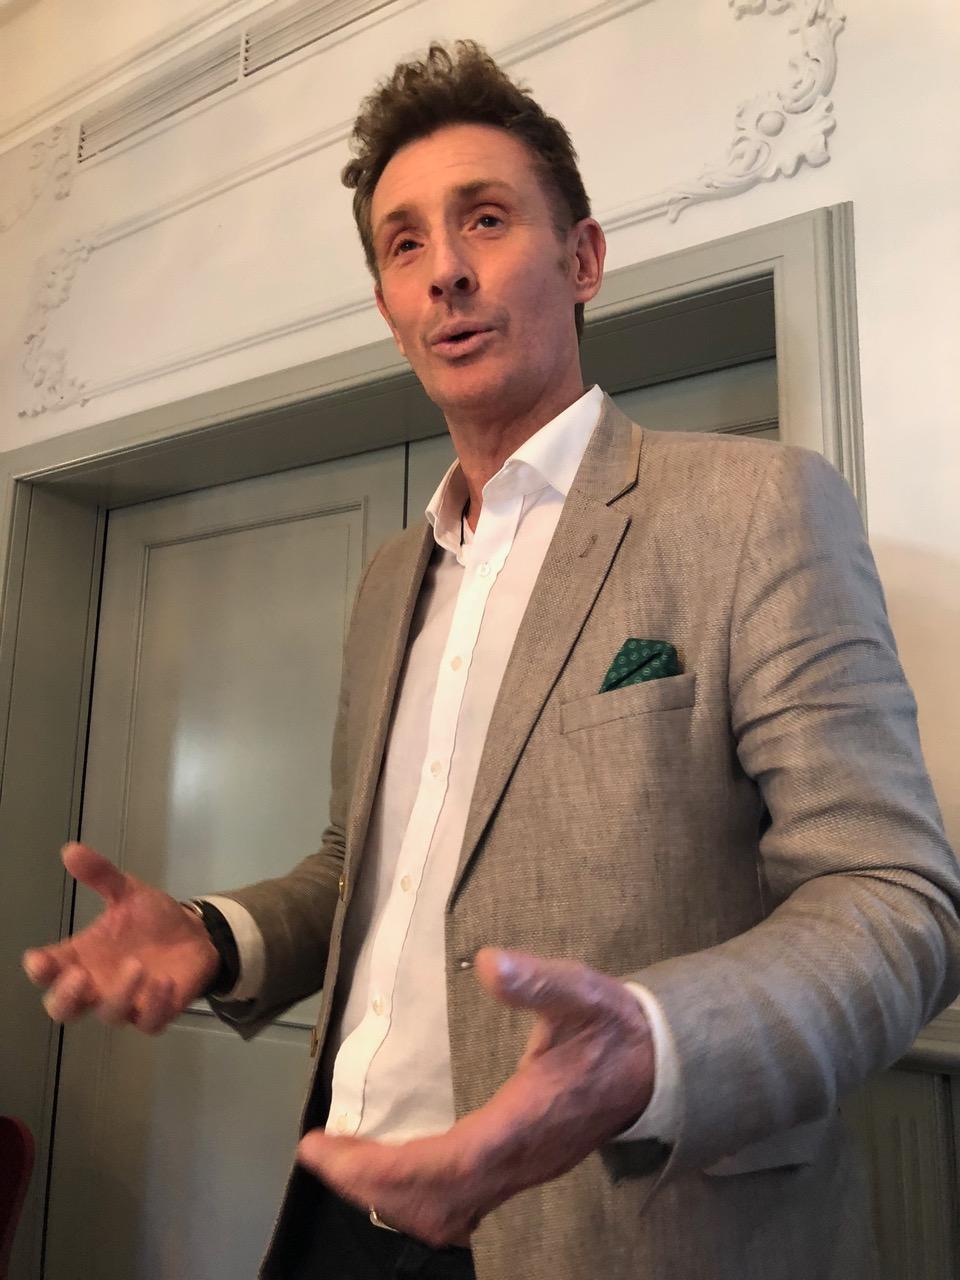 Bremont-Mitbegründer Nick English